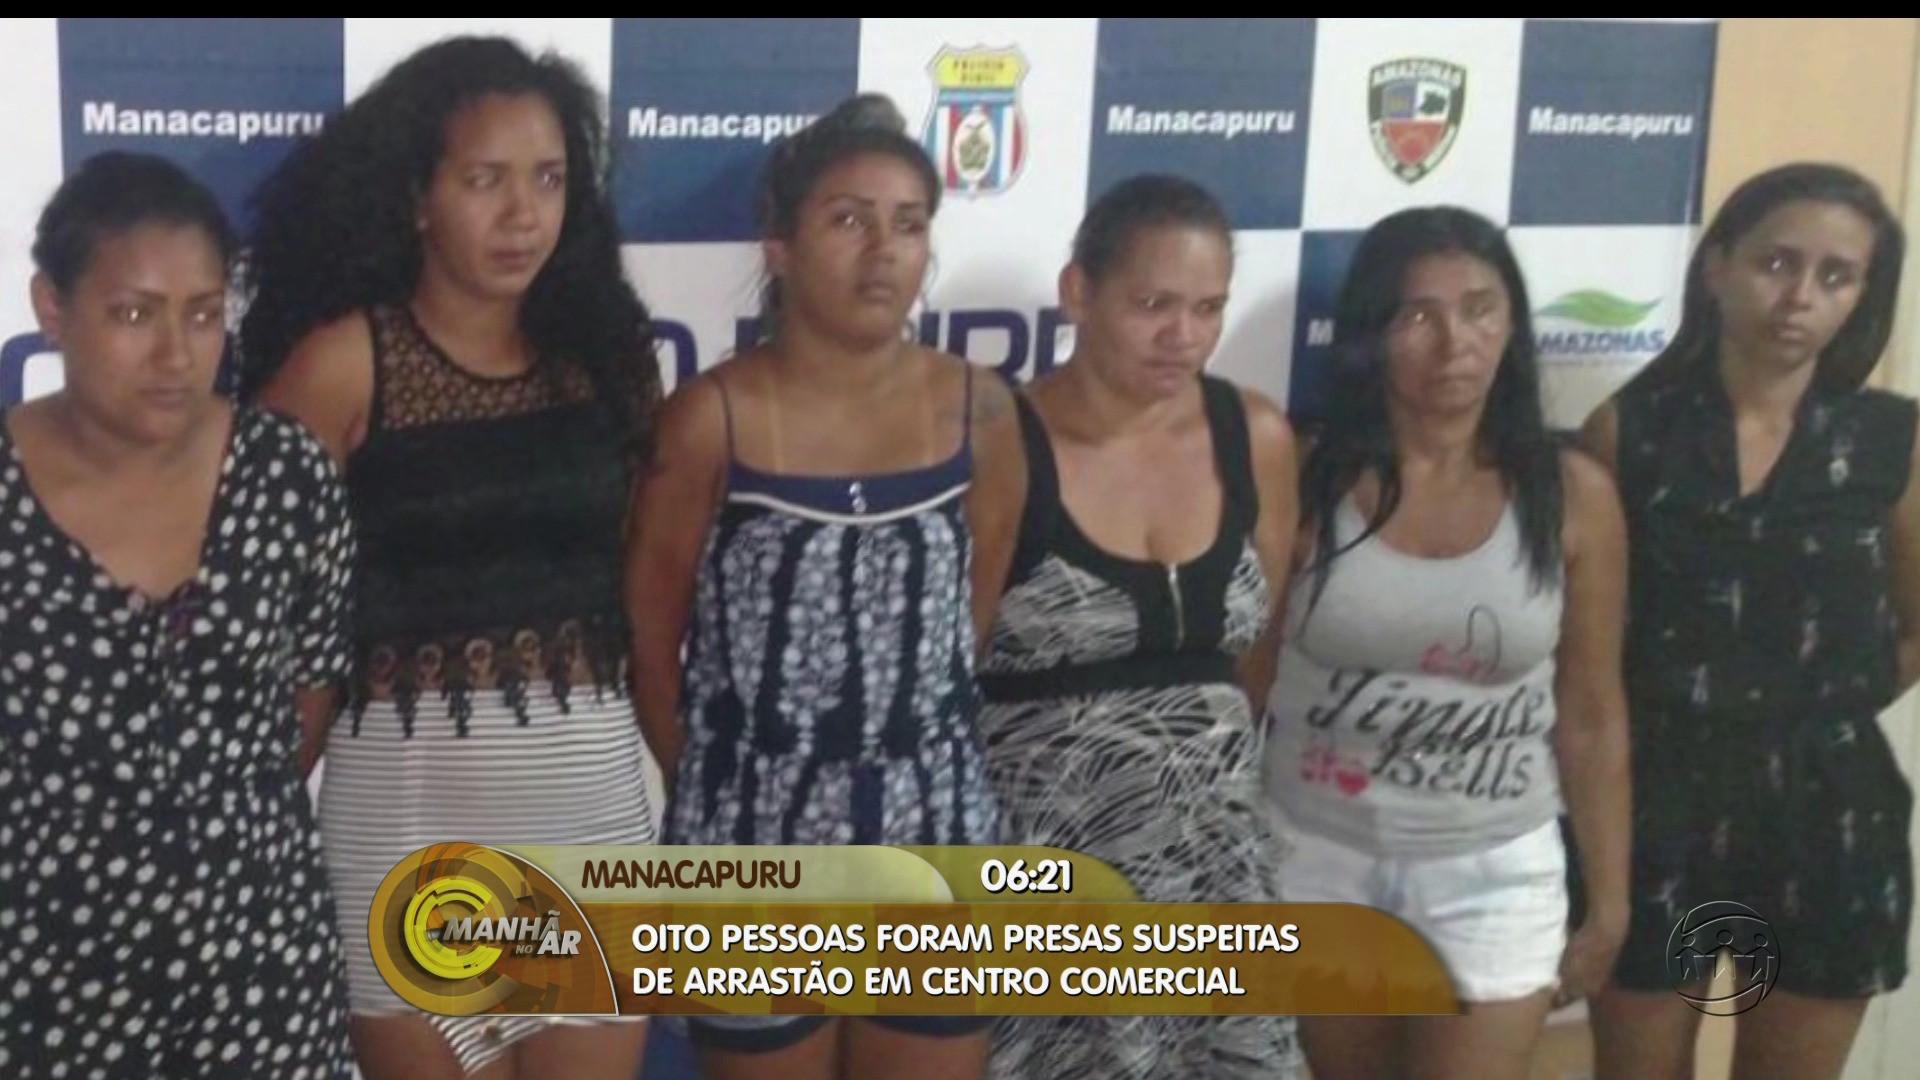 QUADRILHA É PRESA POR ARRASTÃO EM LOJAS DE MANACAPURU